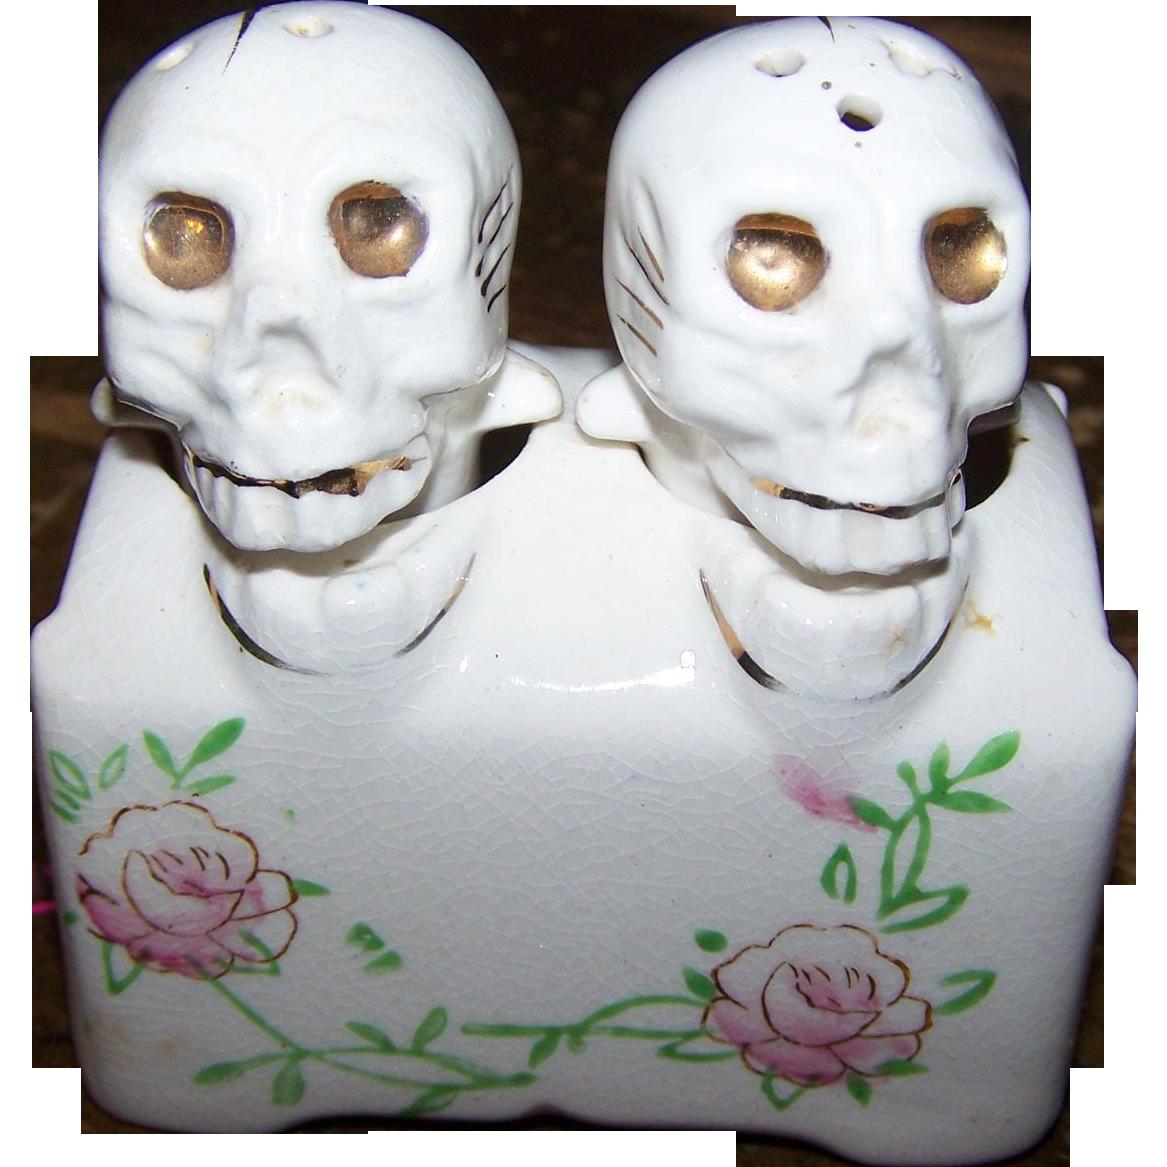 Creepy Novelty  Skeleton Skull Salt & Pepper Shakers PATENT TT Bobblehead Nodder Hand Painted Japan